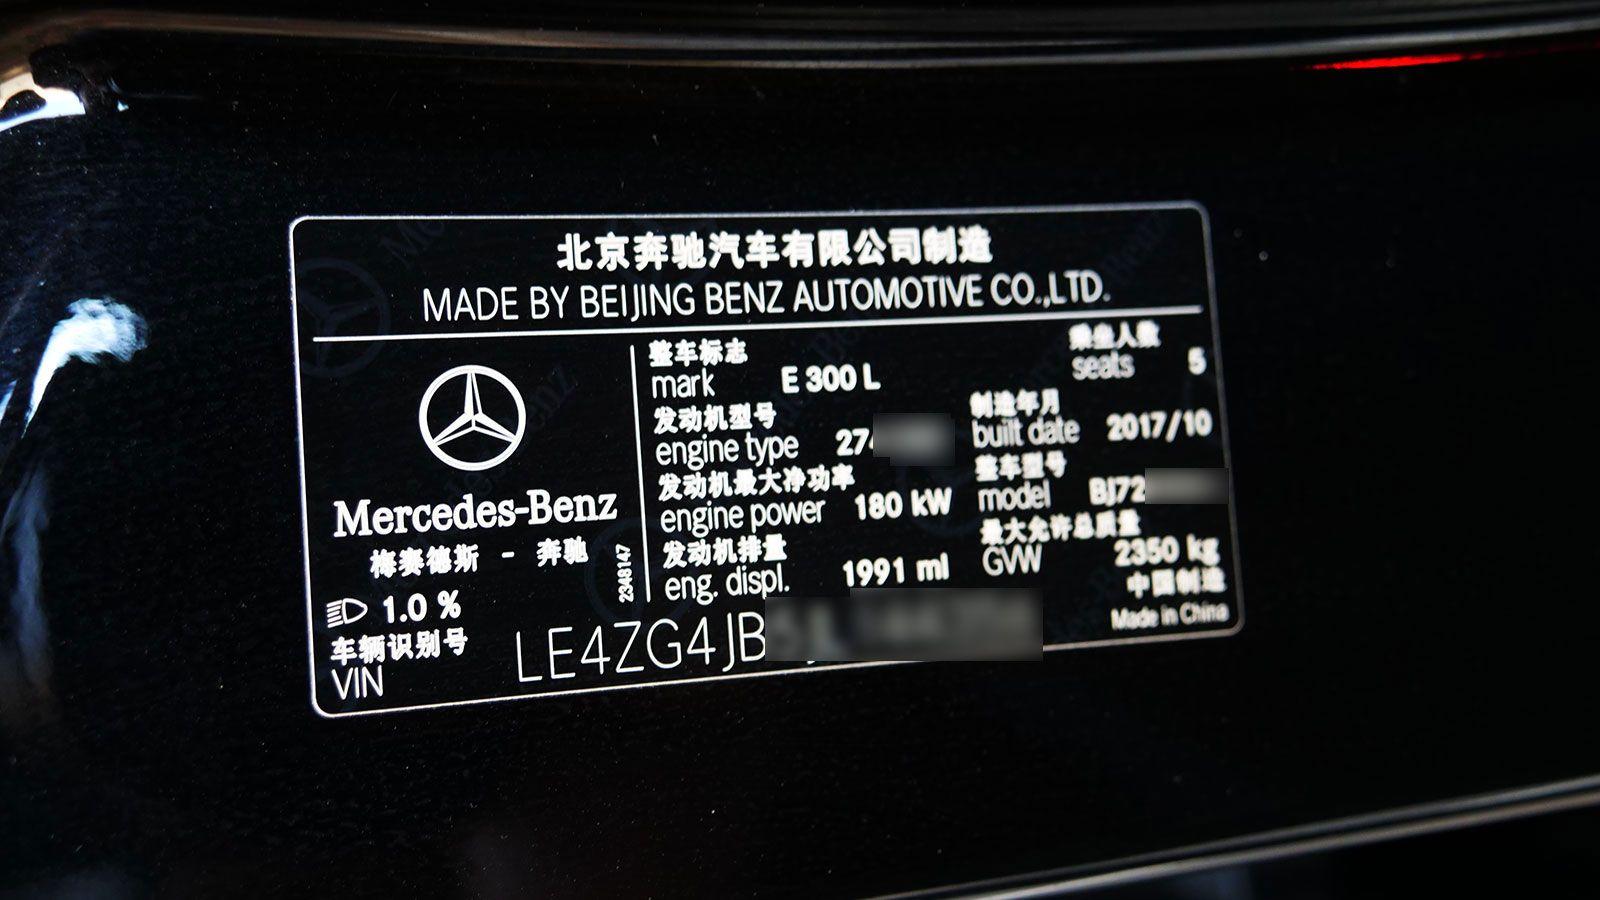 两年出头 全车原漆 您说这辆奔驰E300L时尚型运动轿车价值几何?